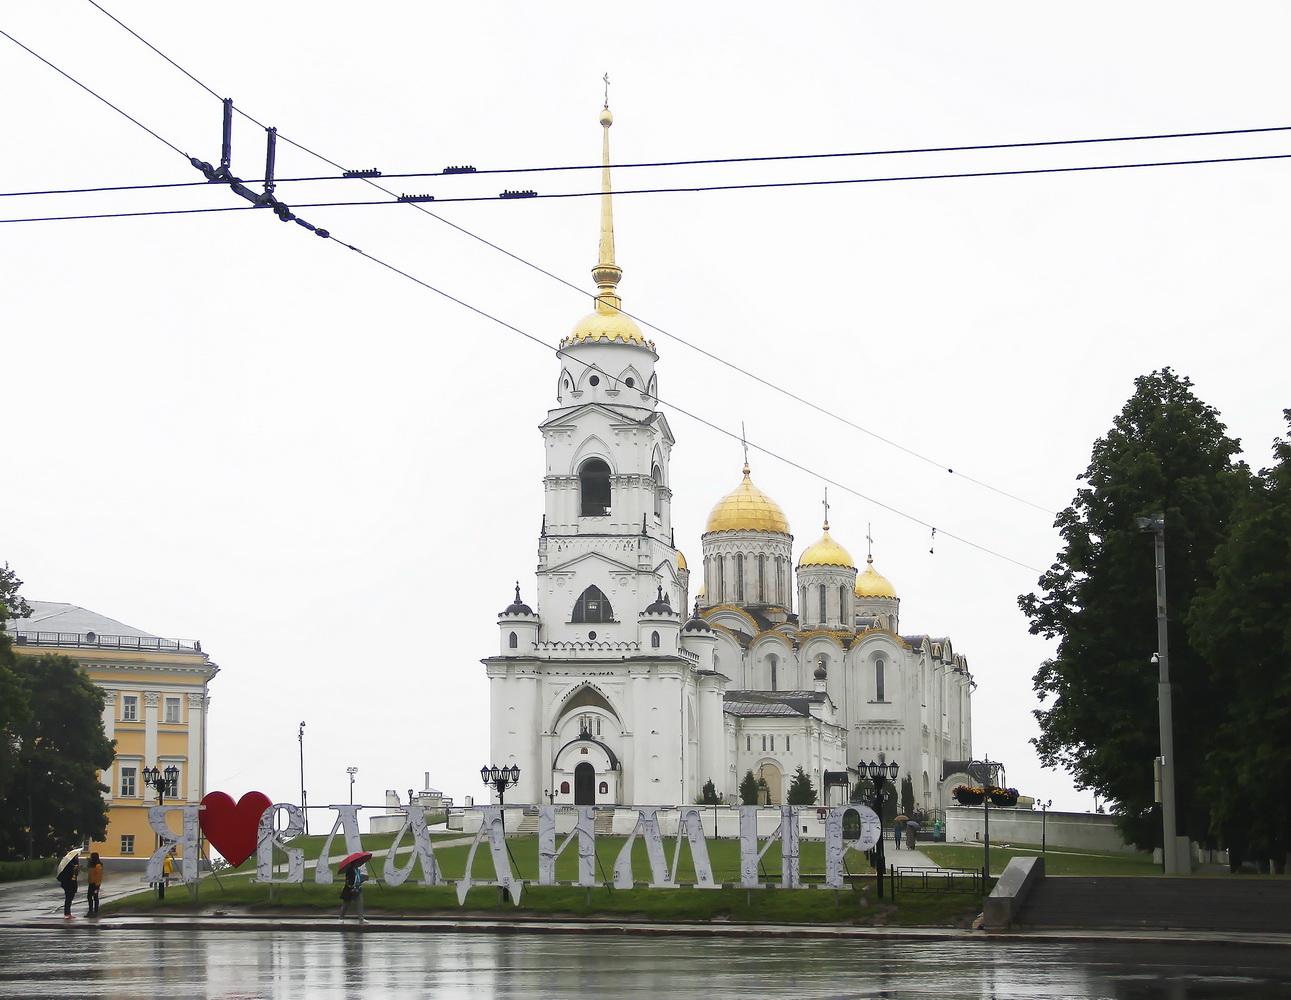 Взгляд со стороны: Фестиваль Малых туристических городов России 2017. Владимир